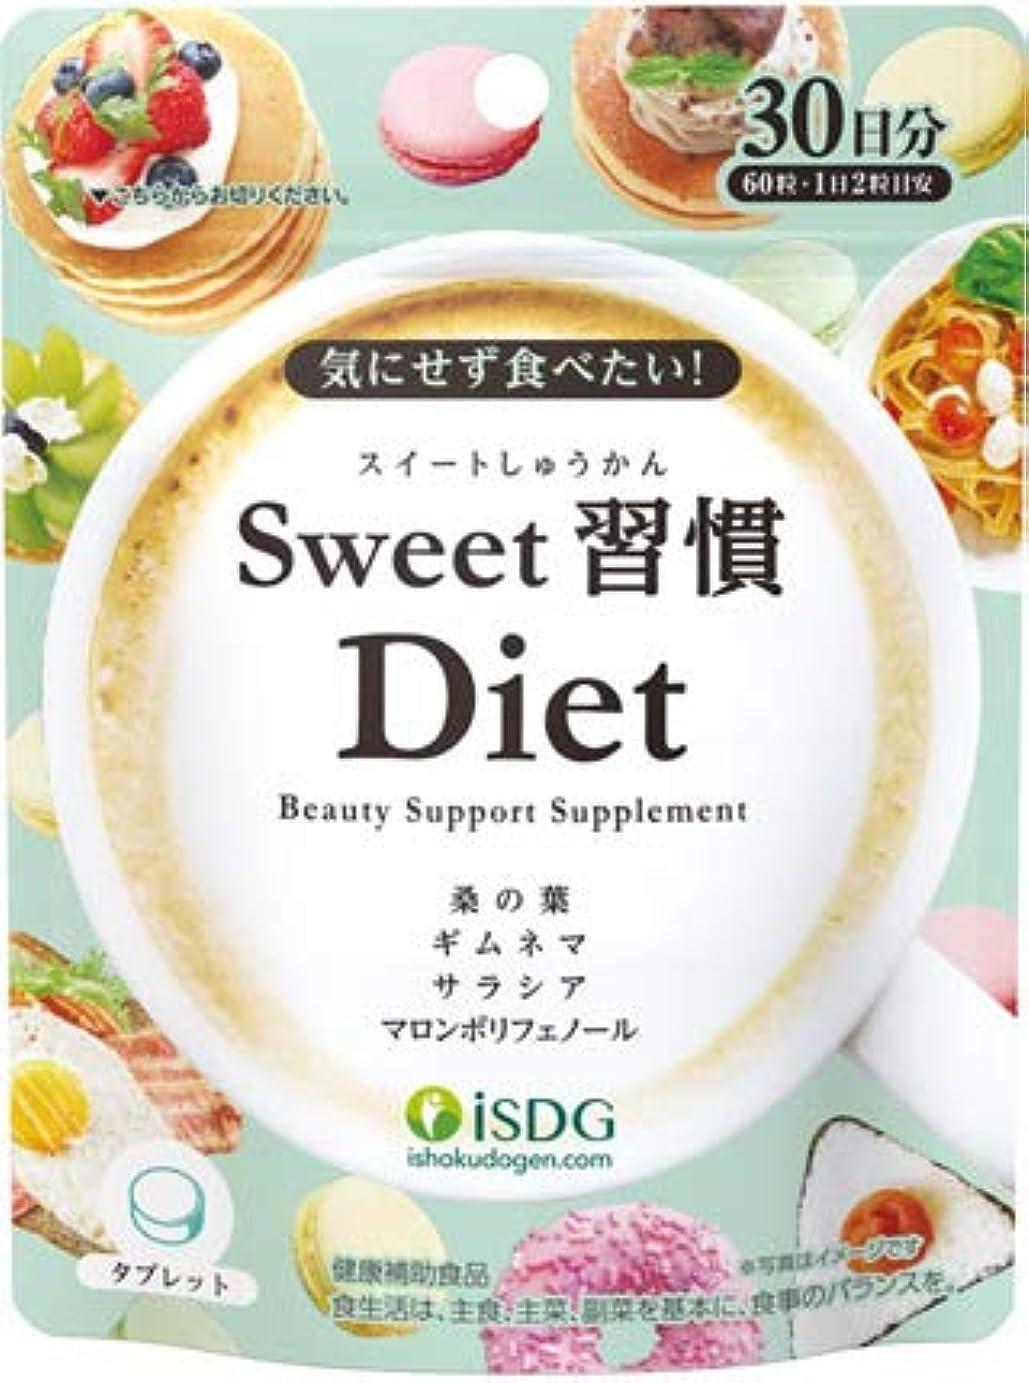 サポート作成者レイアウト医食同源ドットコム 医食同源 Sweet 習慣 Diet 60粒×5個セット スイート ダイエット